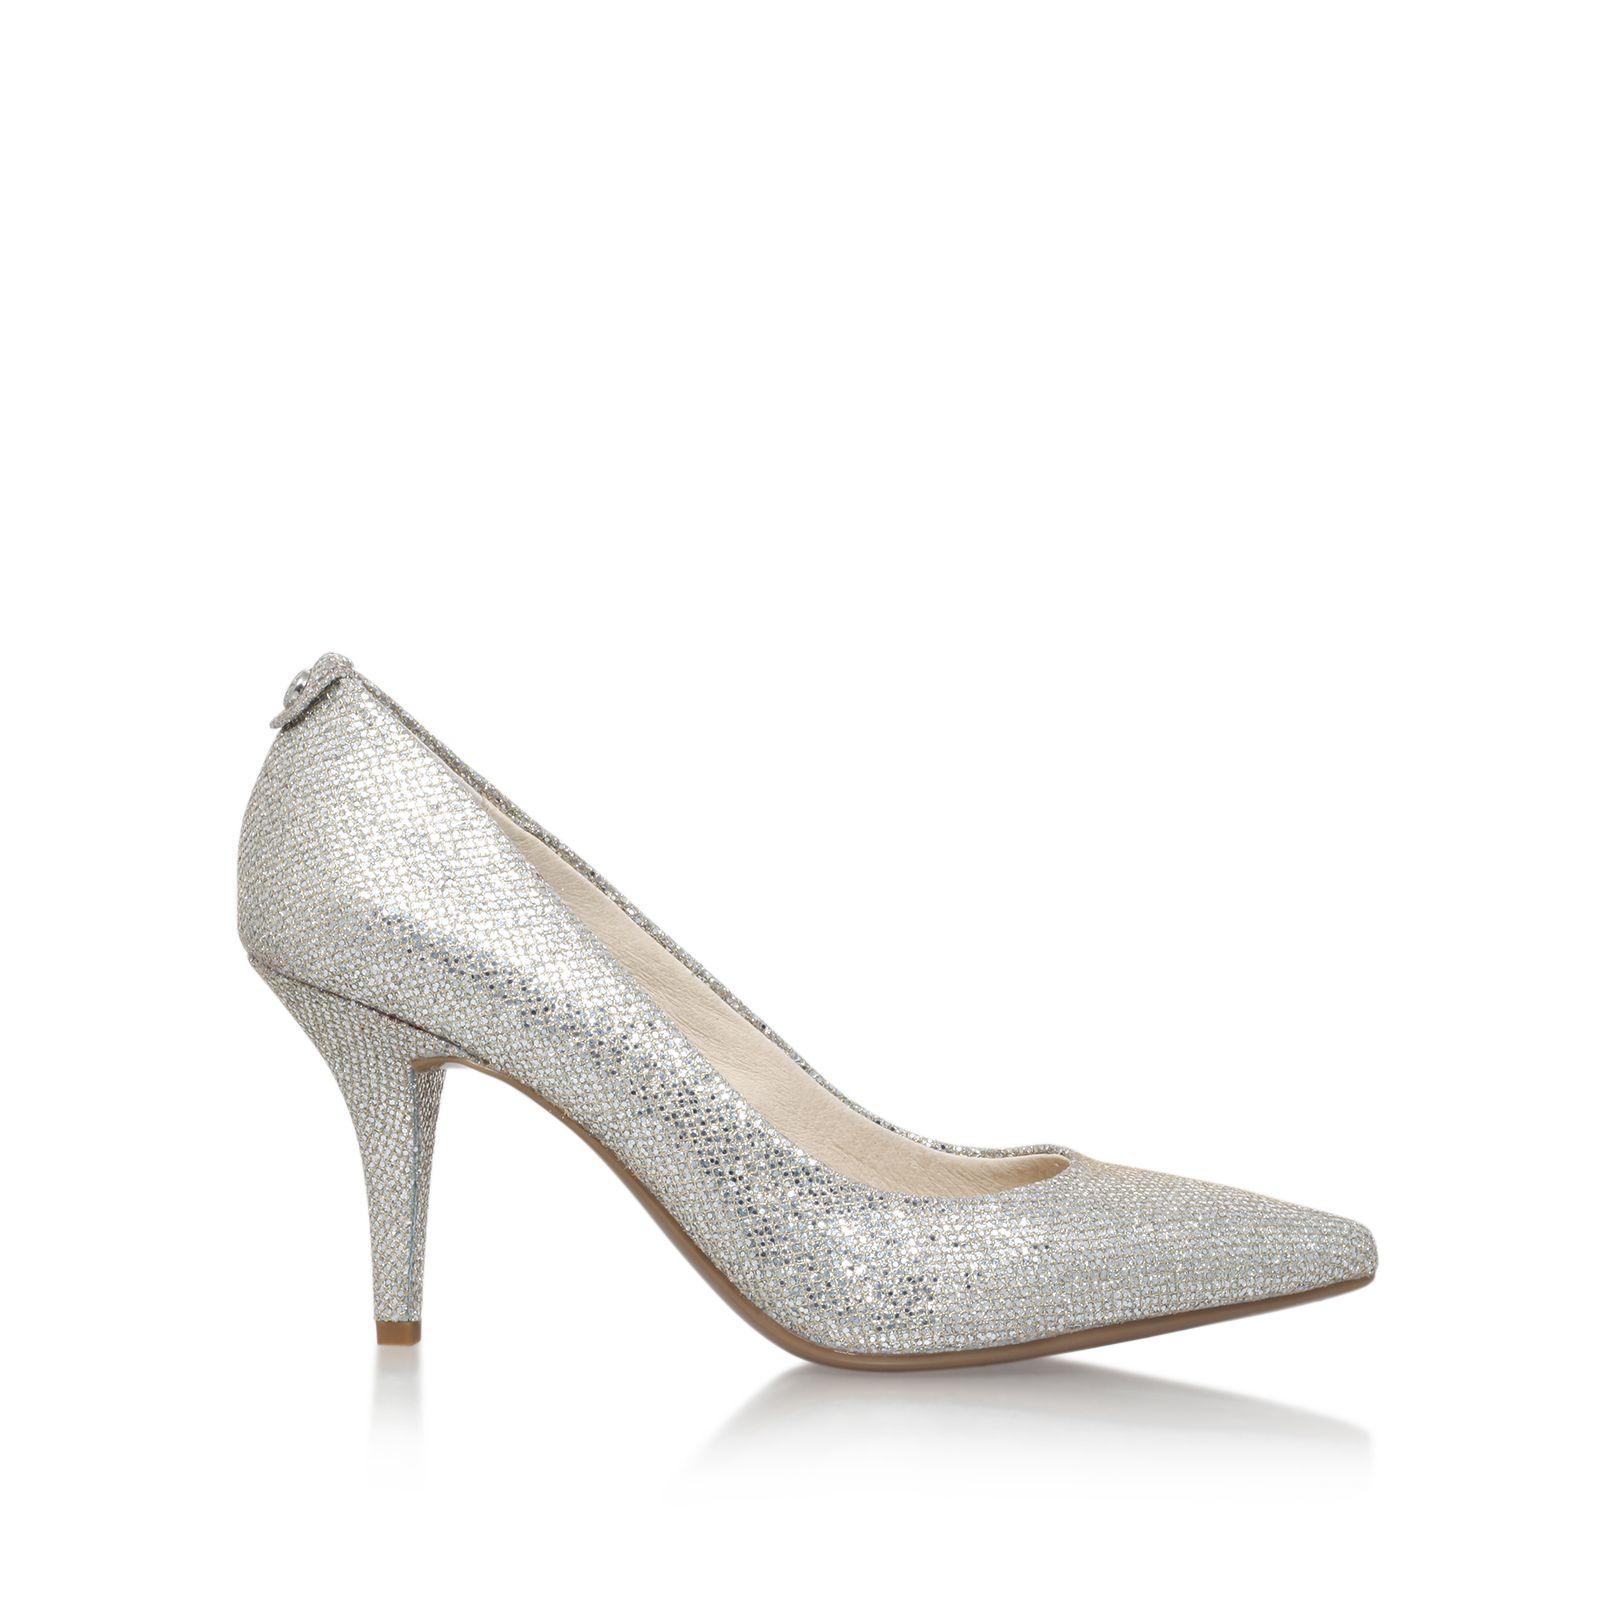 36c5e1a59fb michael kors flex kitten pumps silver ailee suede tall boots ...